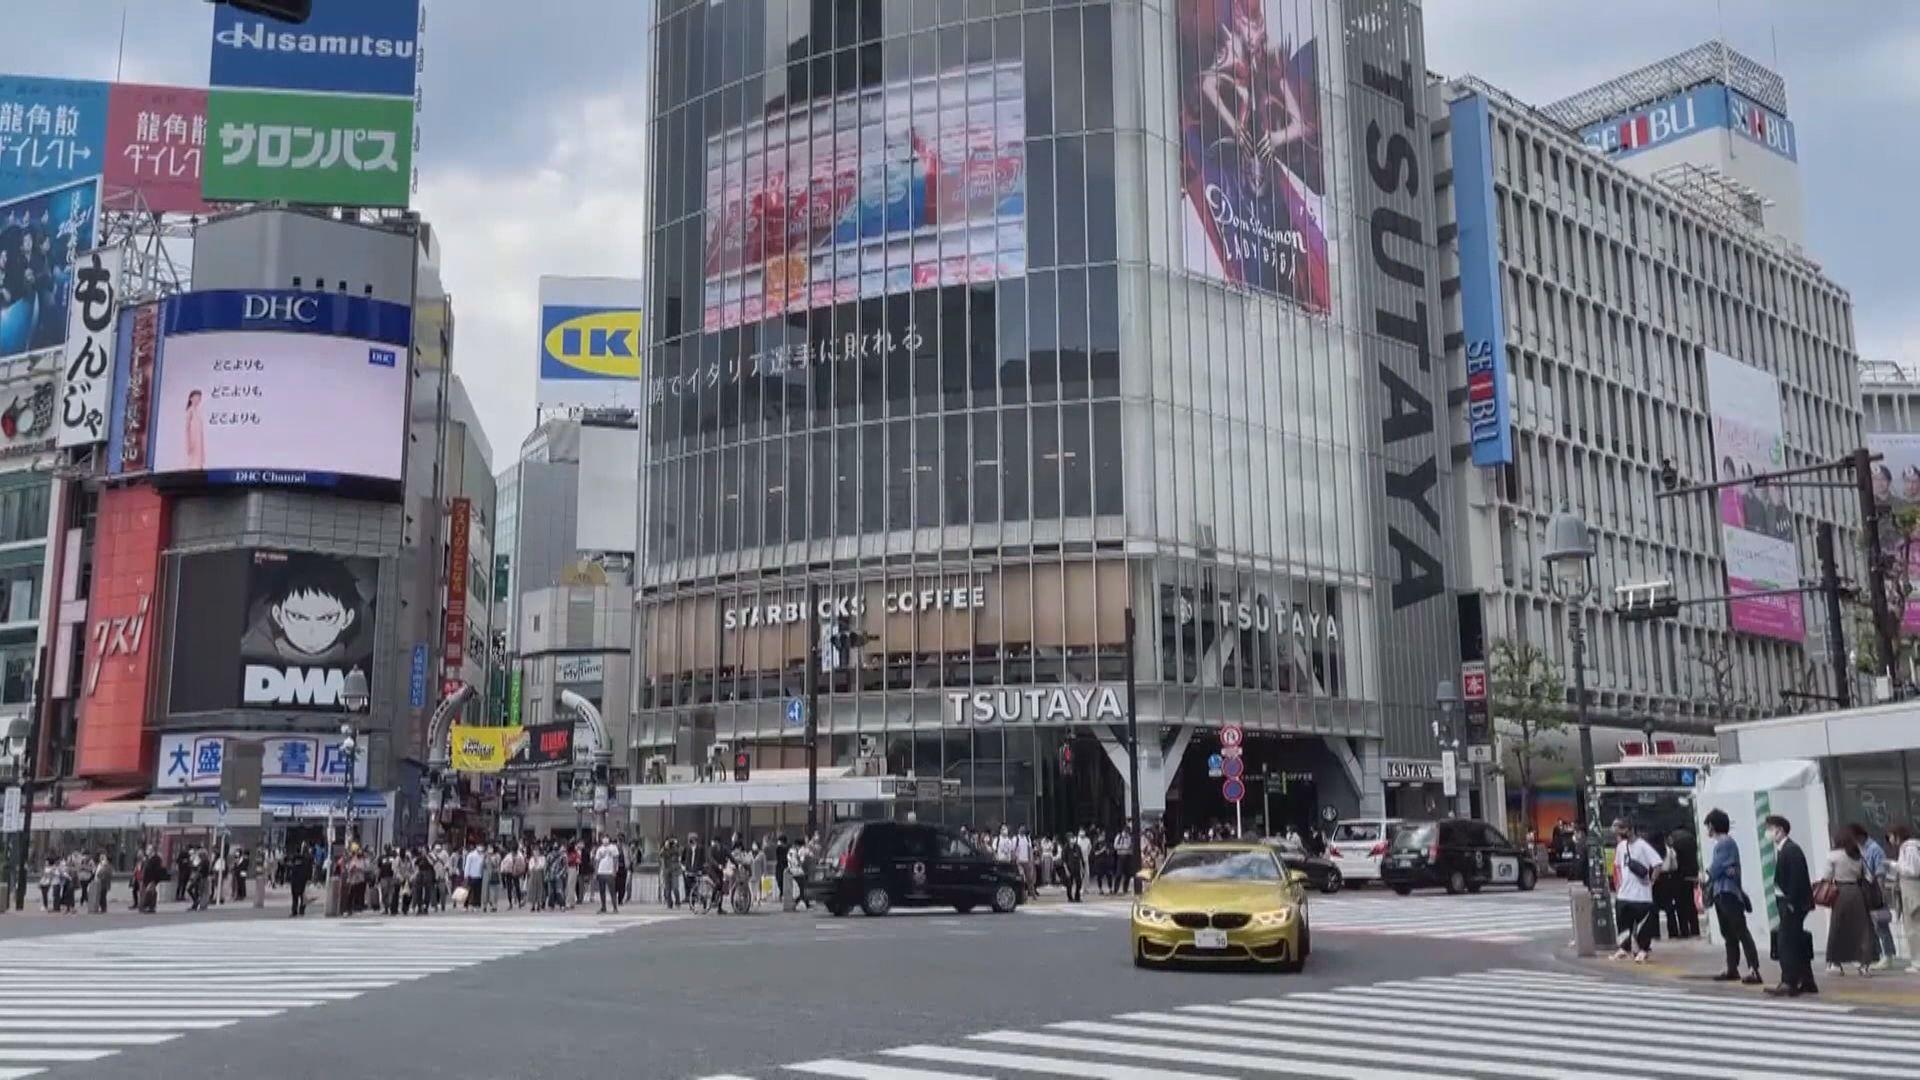 東京都增八百多宗確診 緊急事態宣言擴至北海道等三地